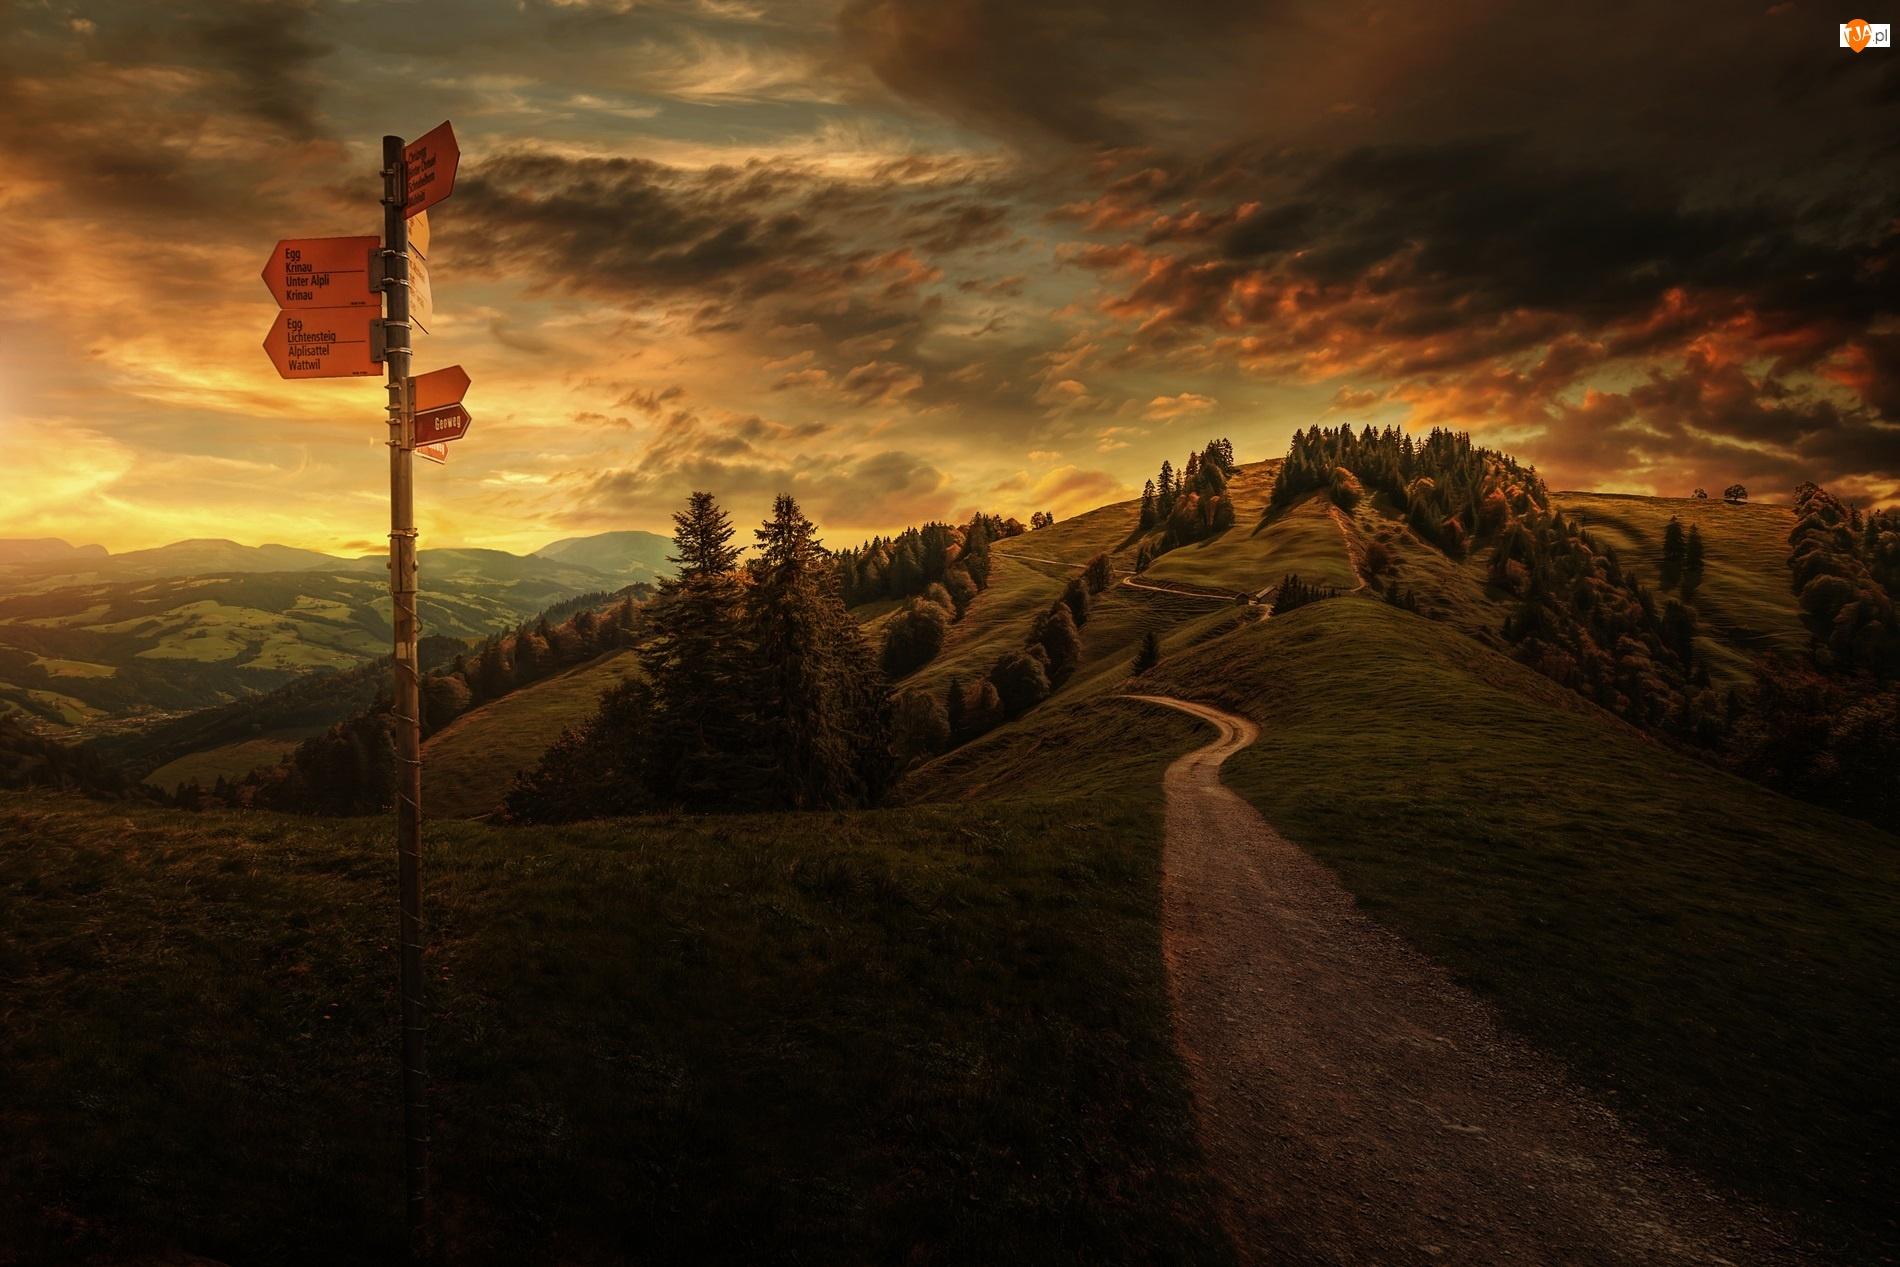 Zachód Słońca, Góry, Drogowskaz, Ścieżka, Chmury